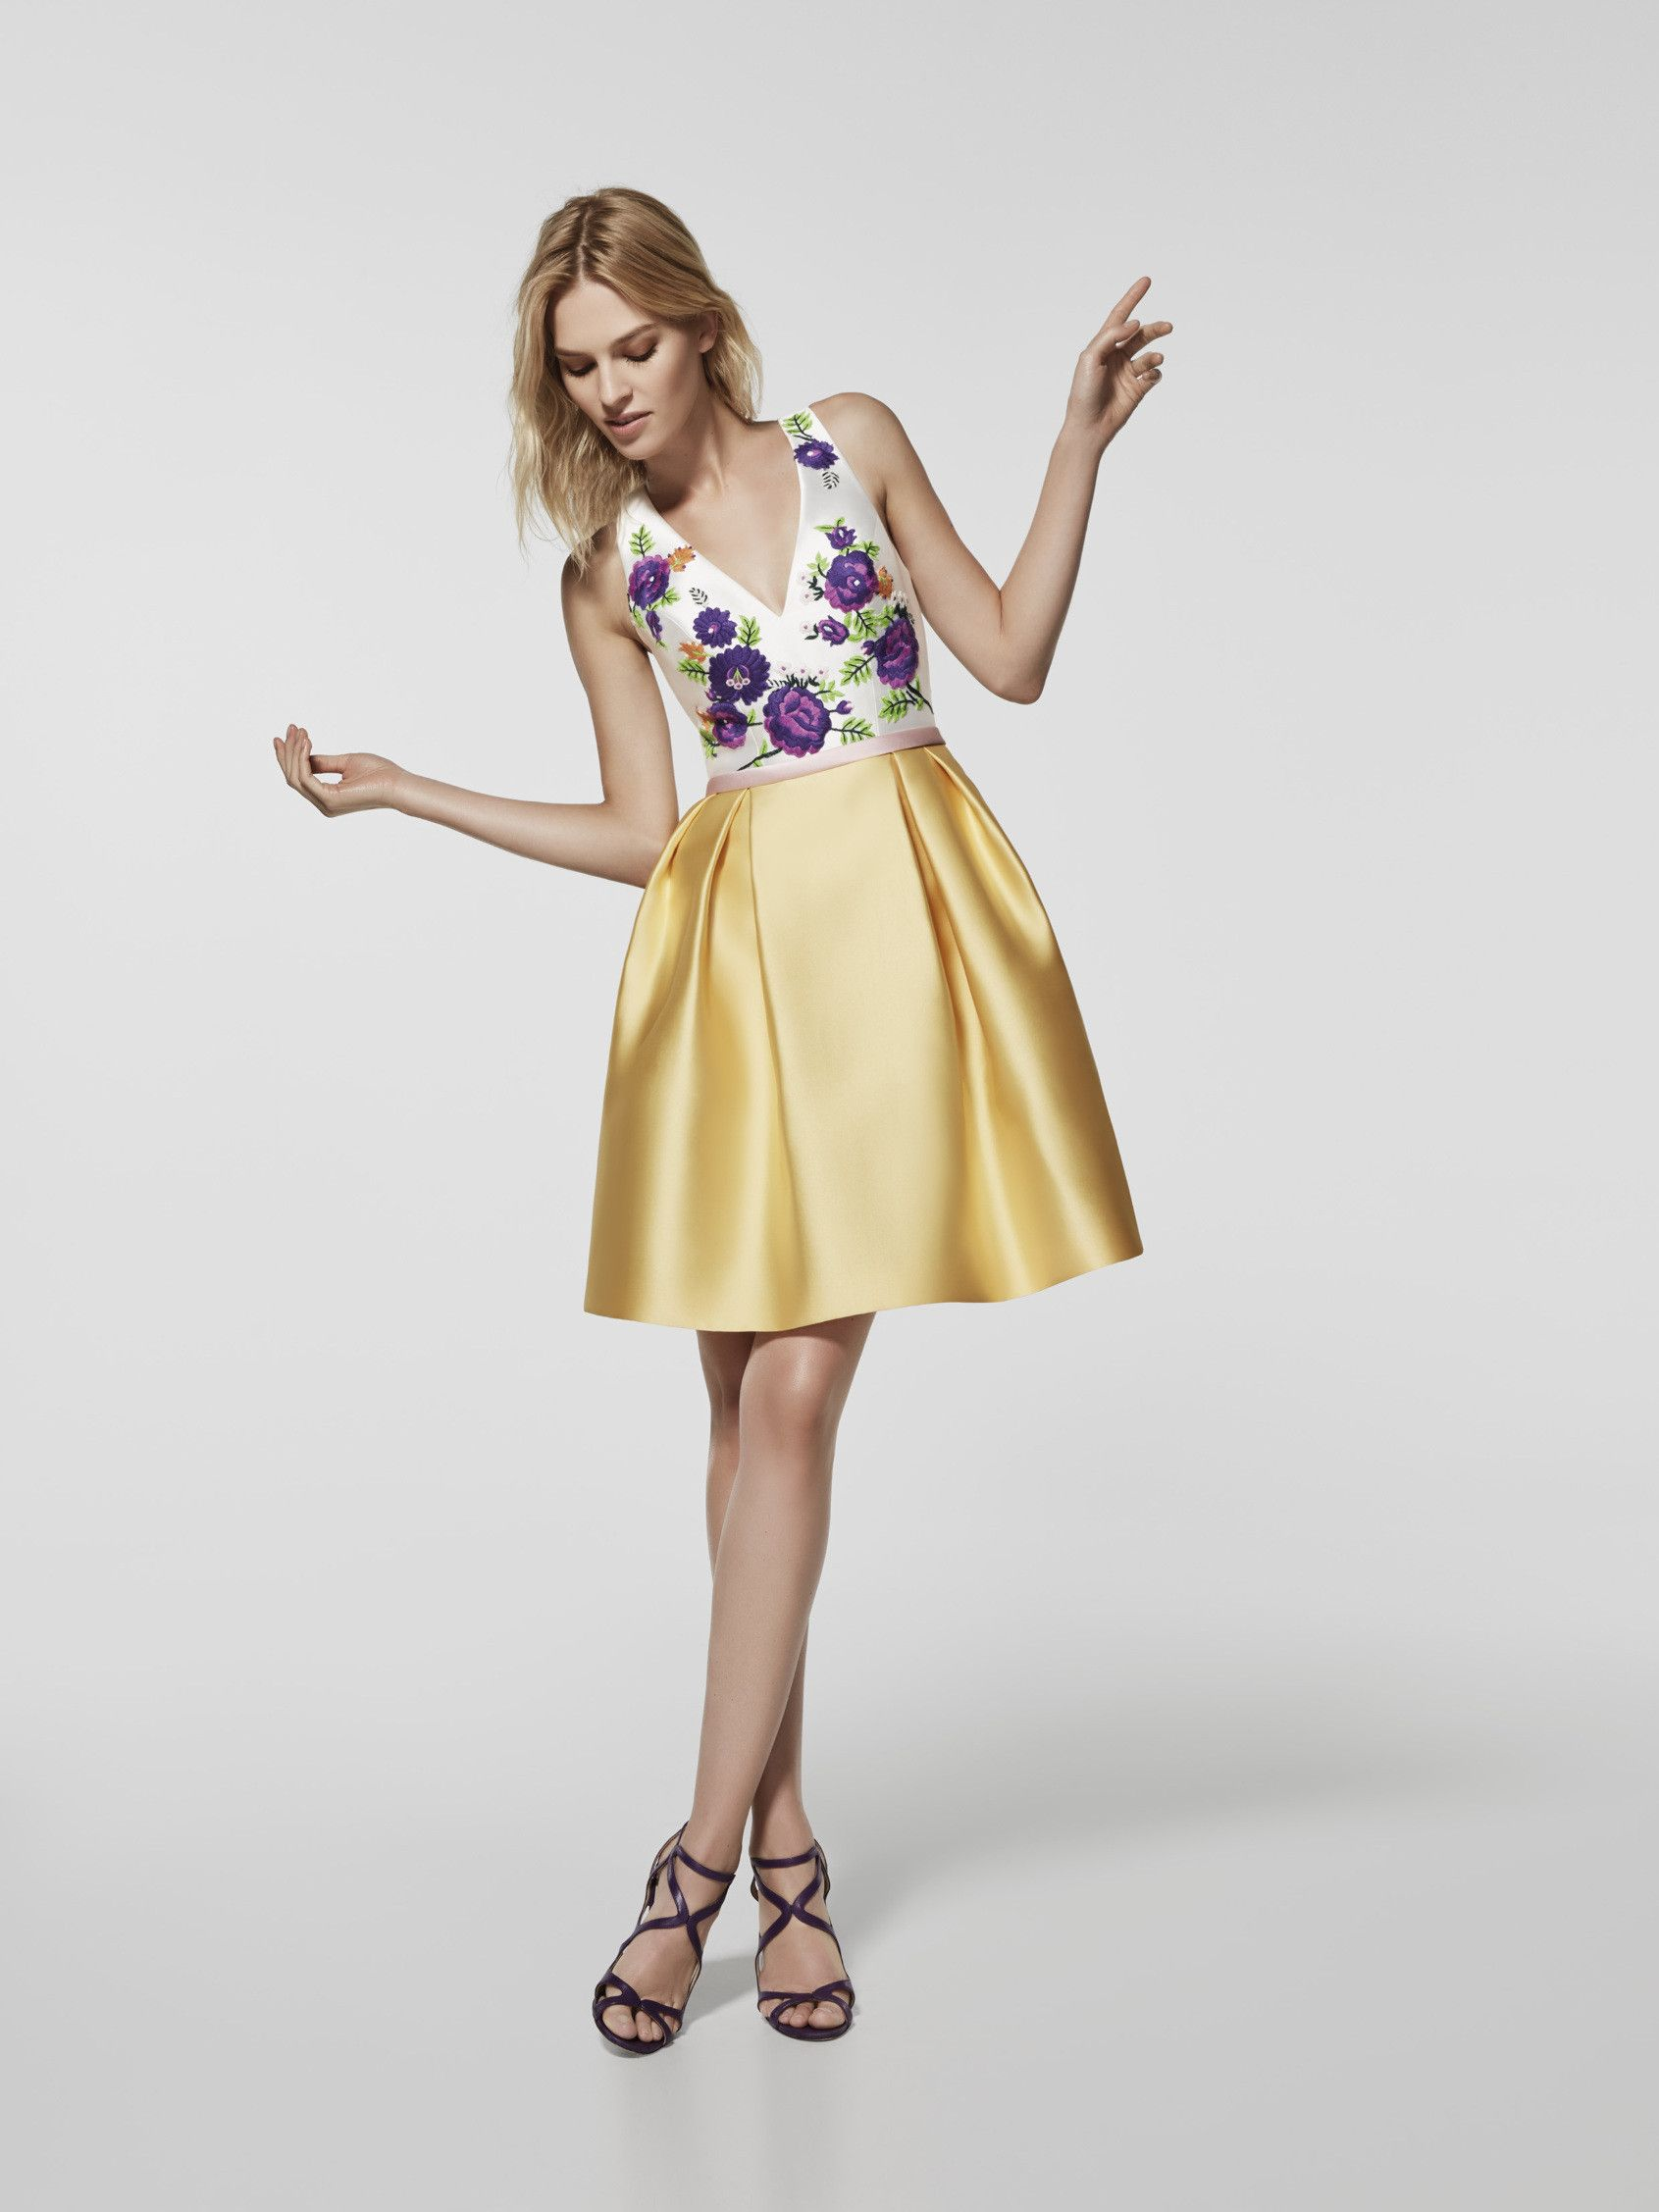 8ceff2344 Vestido de fiesta (modelo GRADEA) de color amarillo con un escote ...